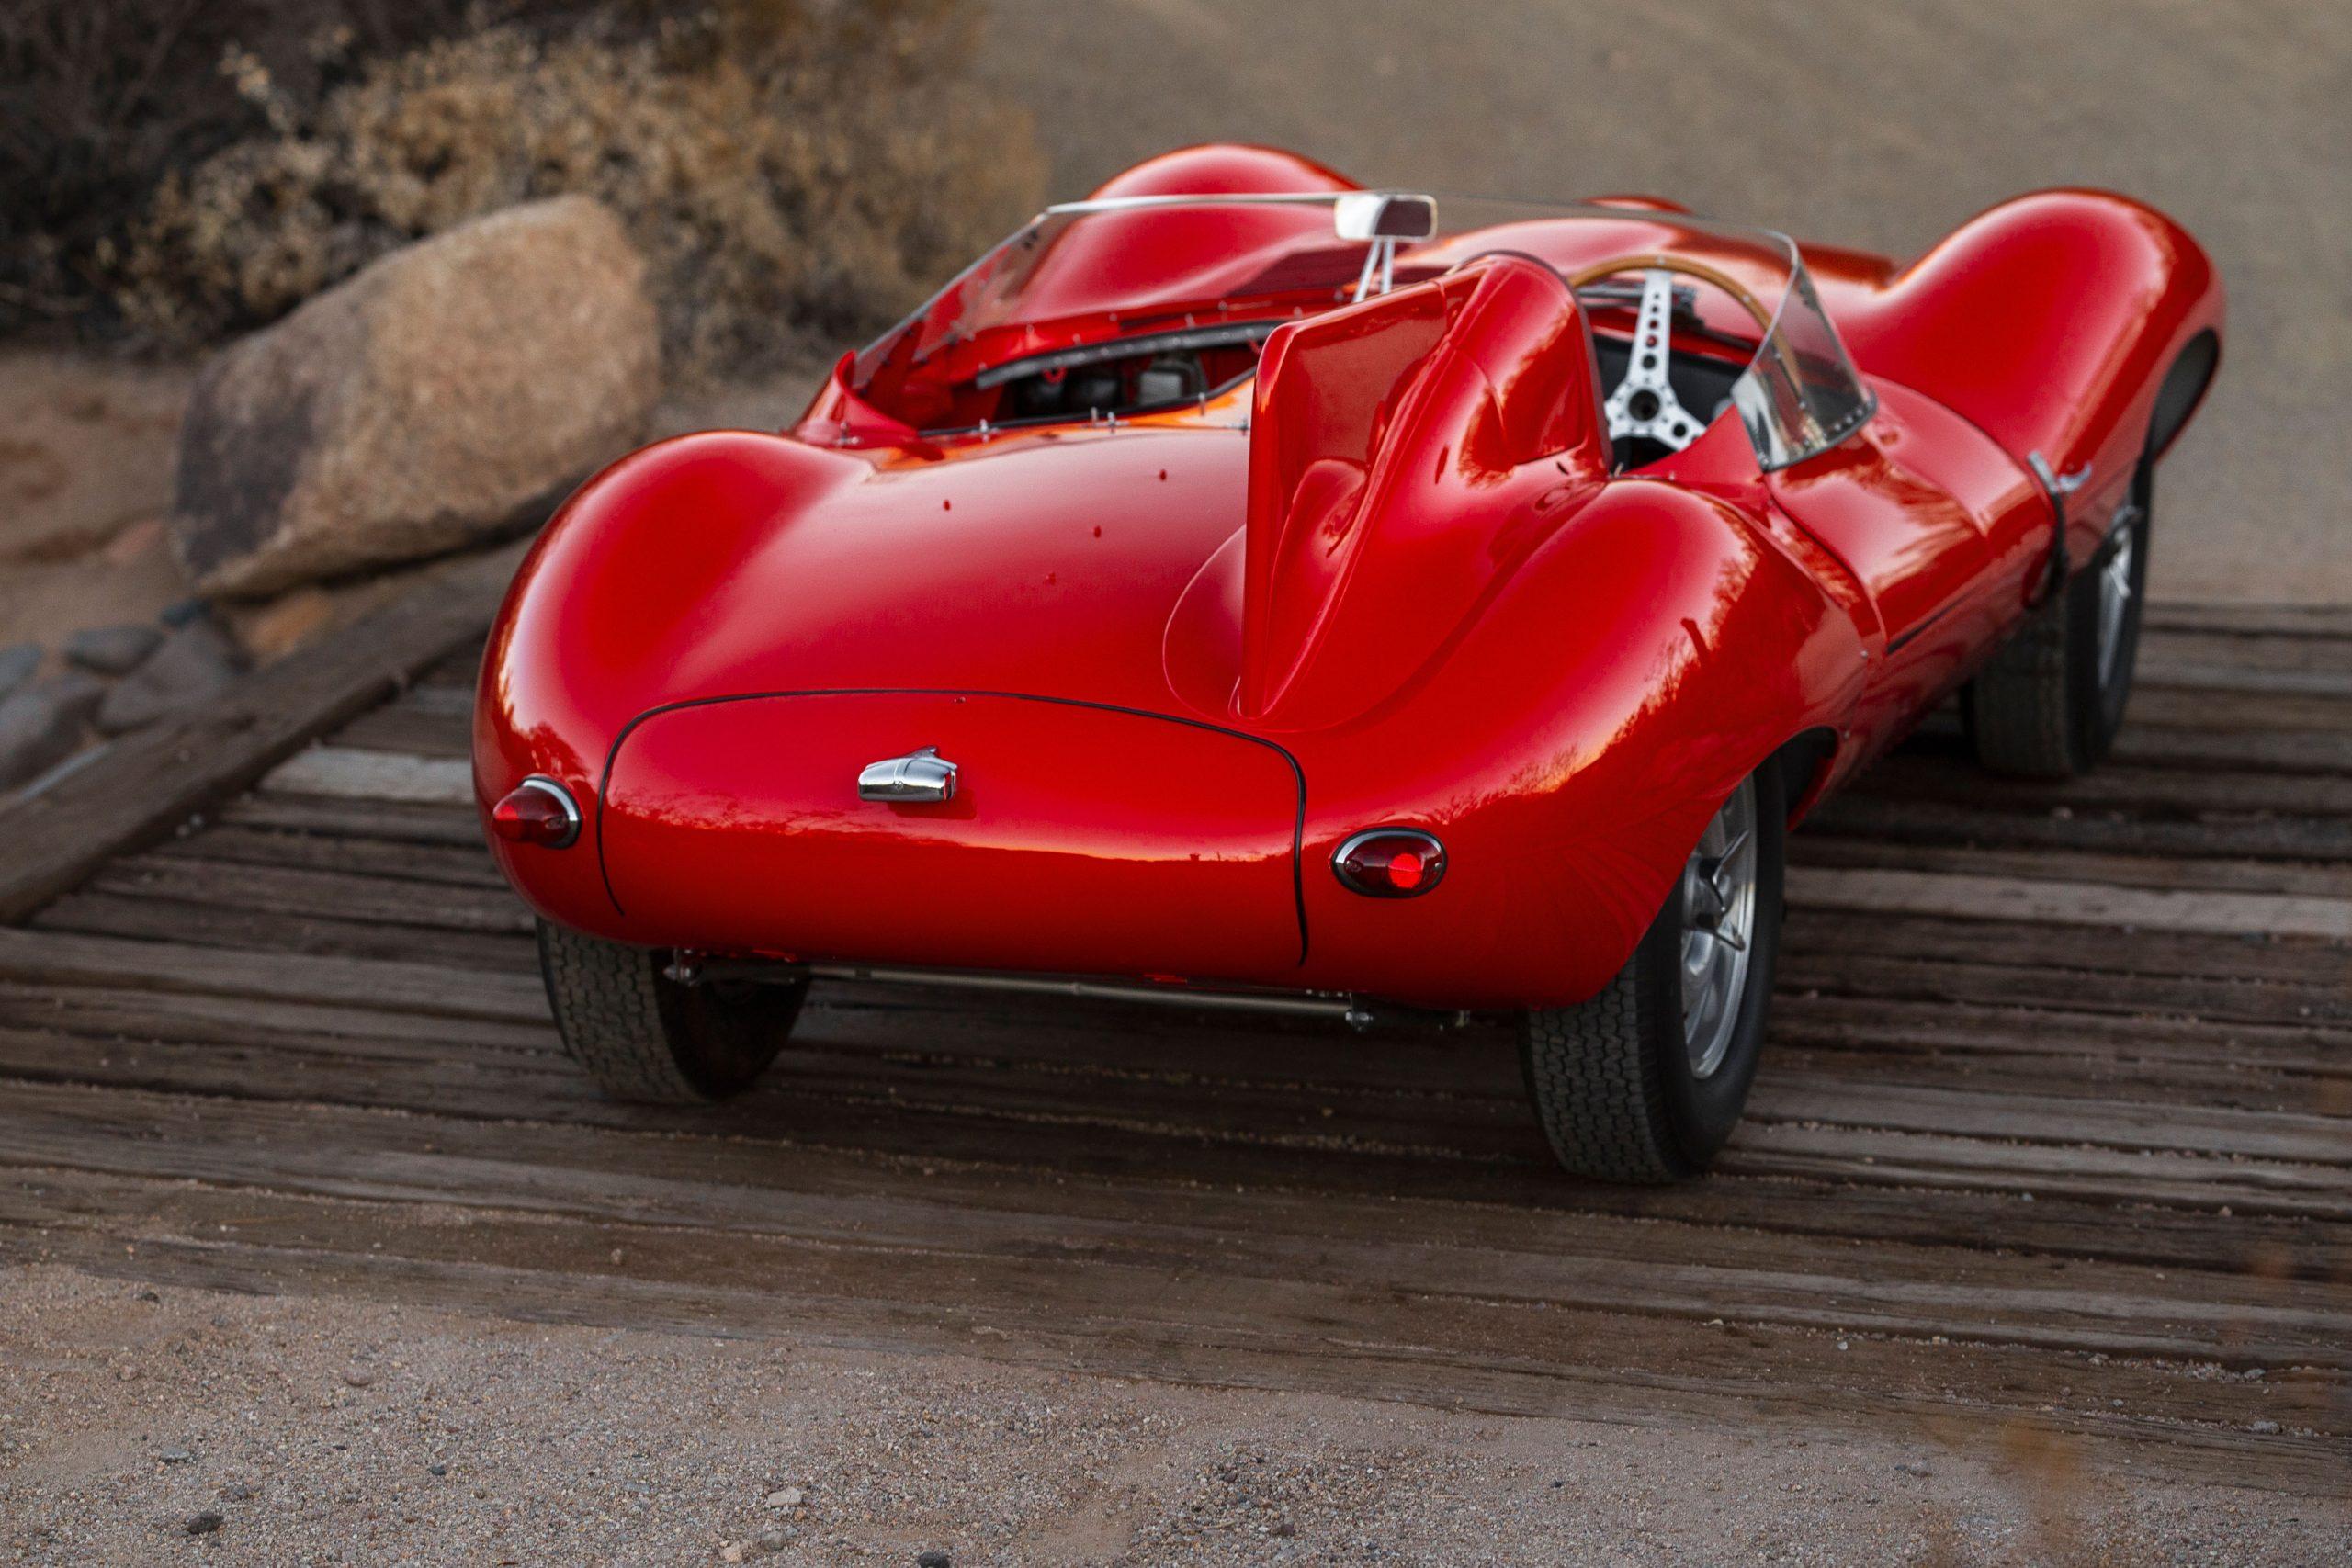 1955 Jaguar D-Type rear